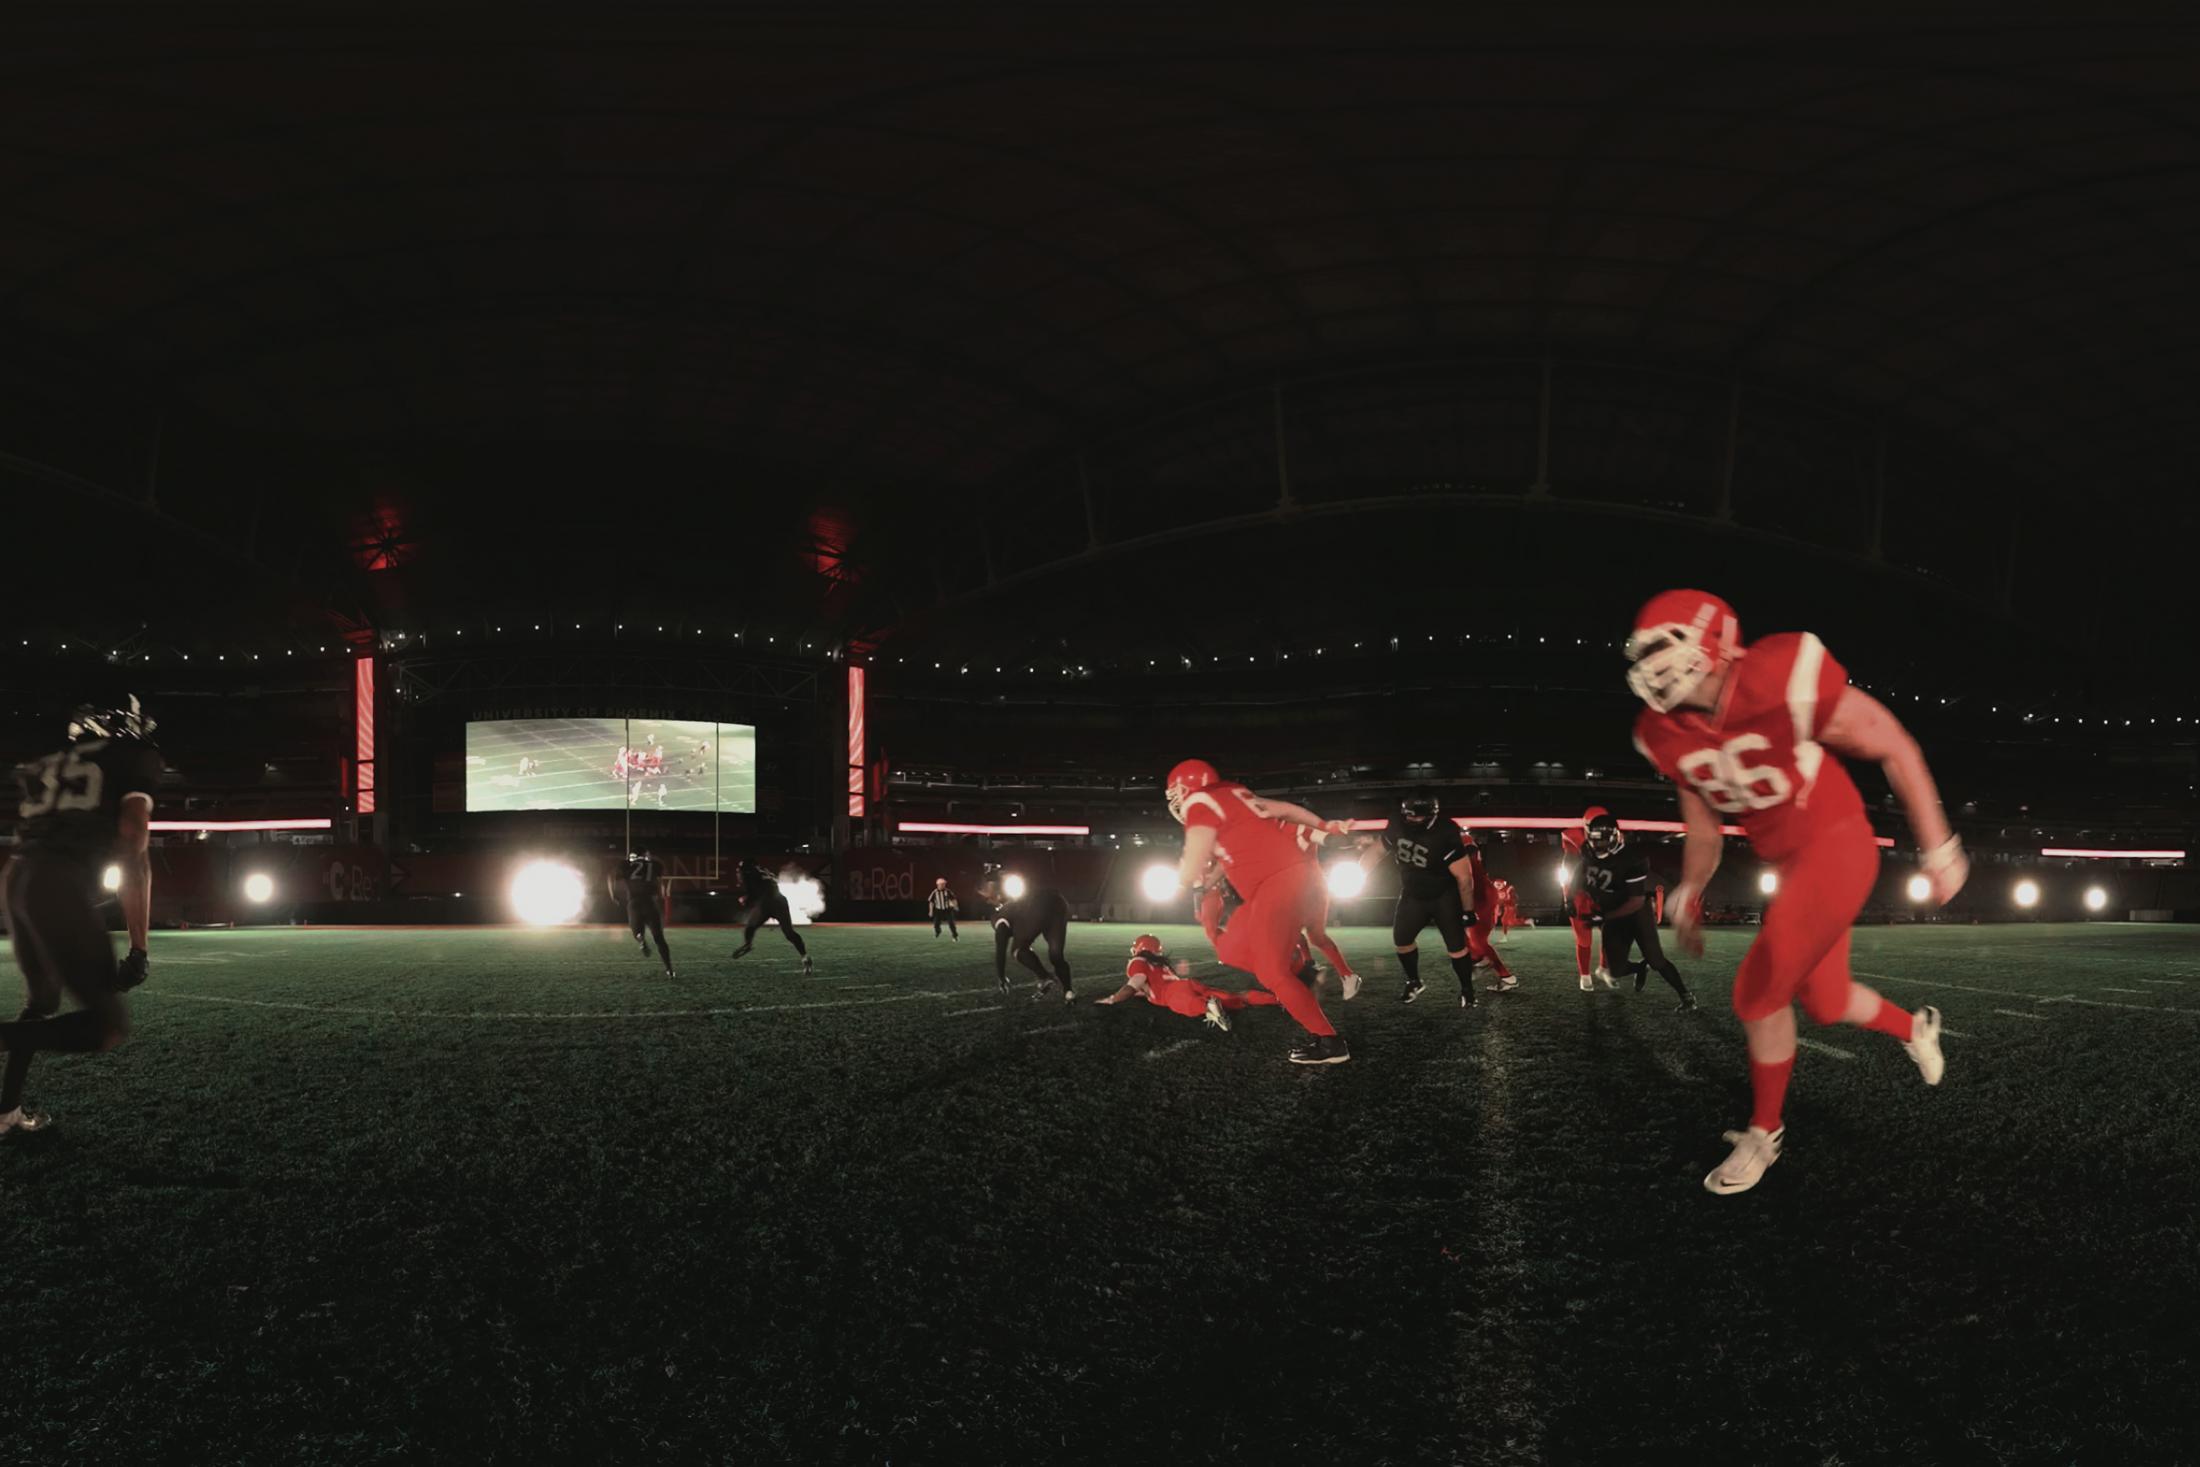 Thumbnail for Virtual Gridiron